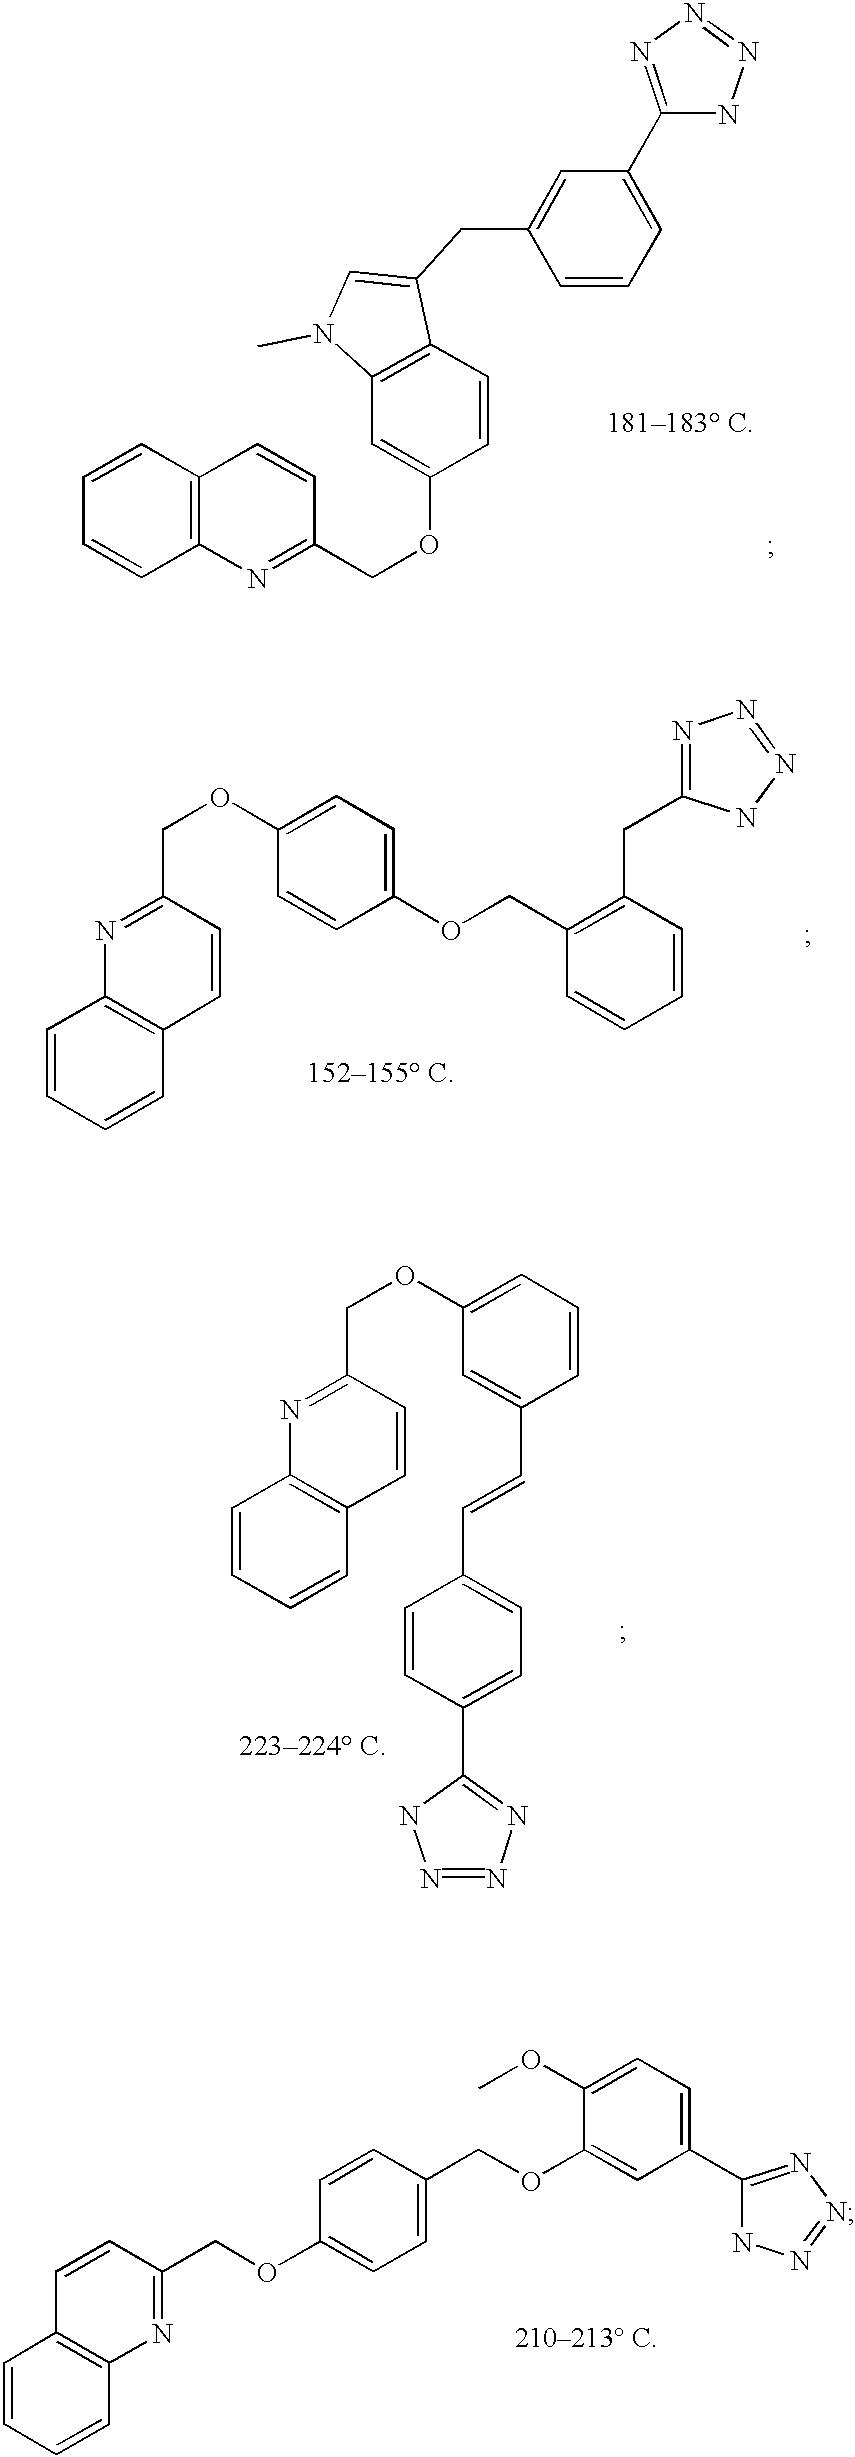 Figure US20030220373A1-20031127-C00295